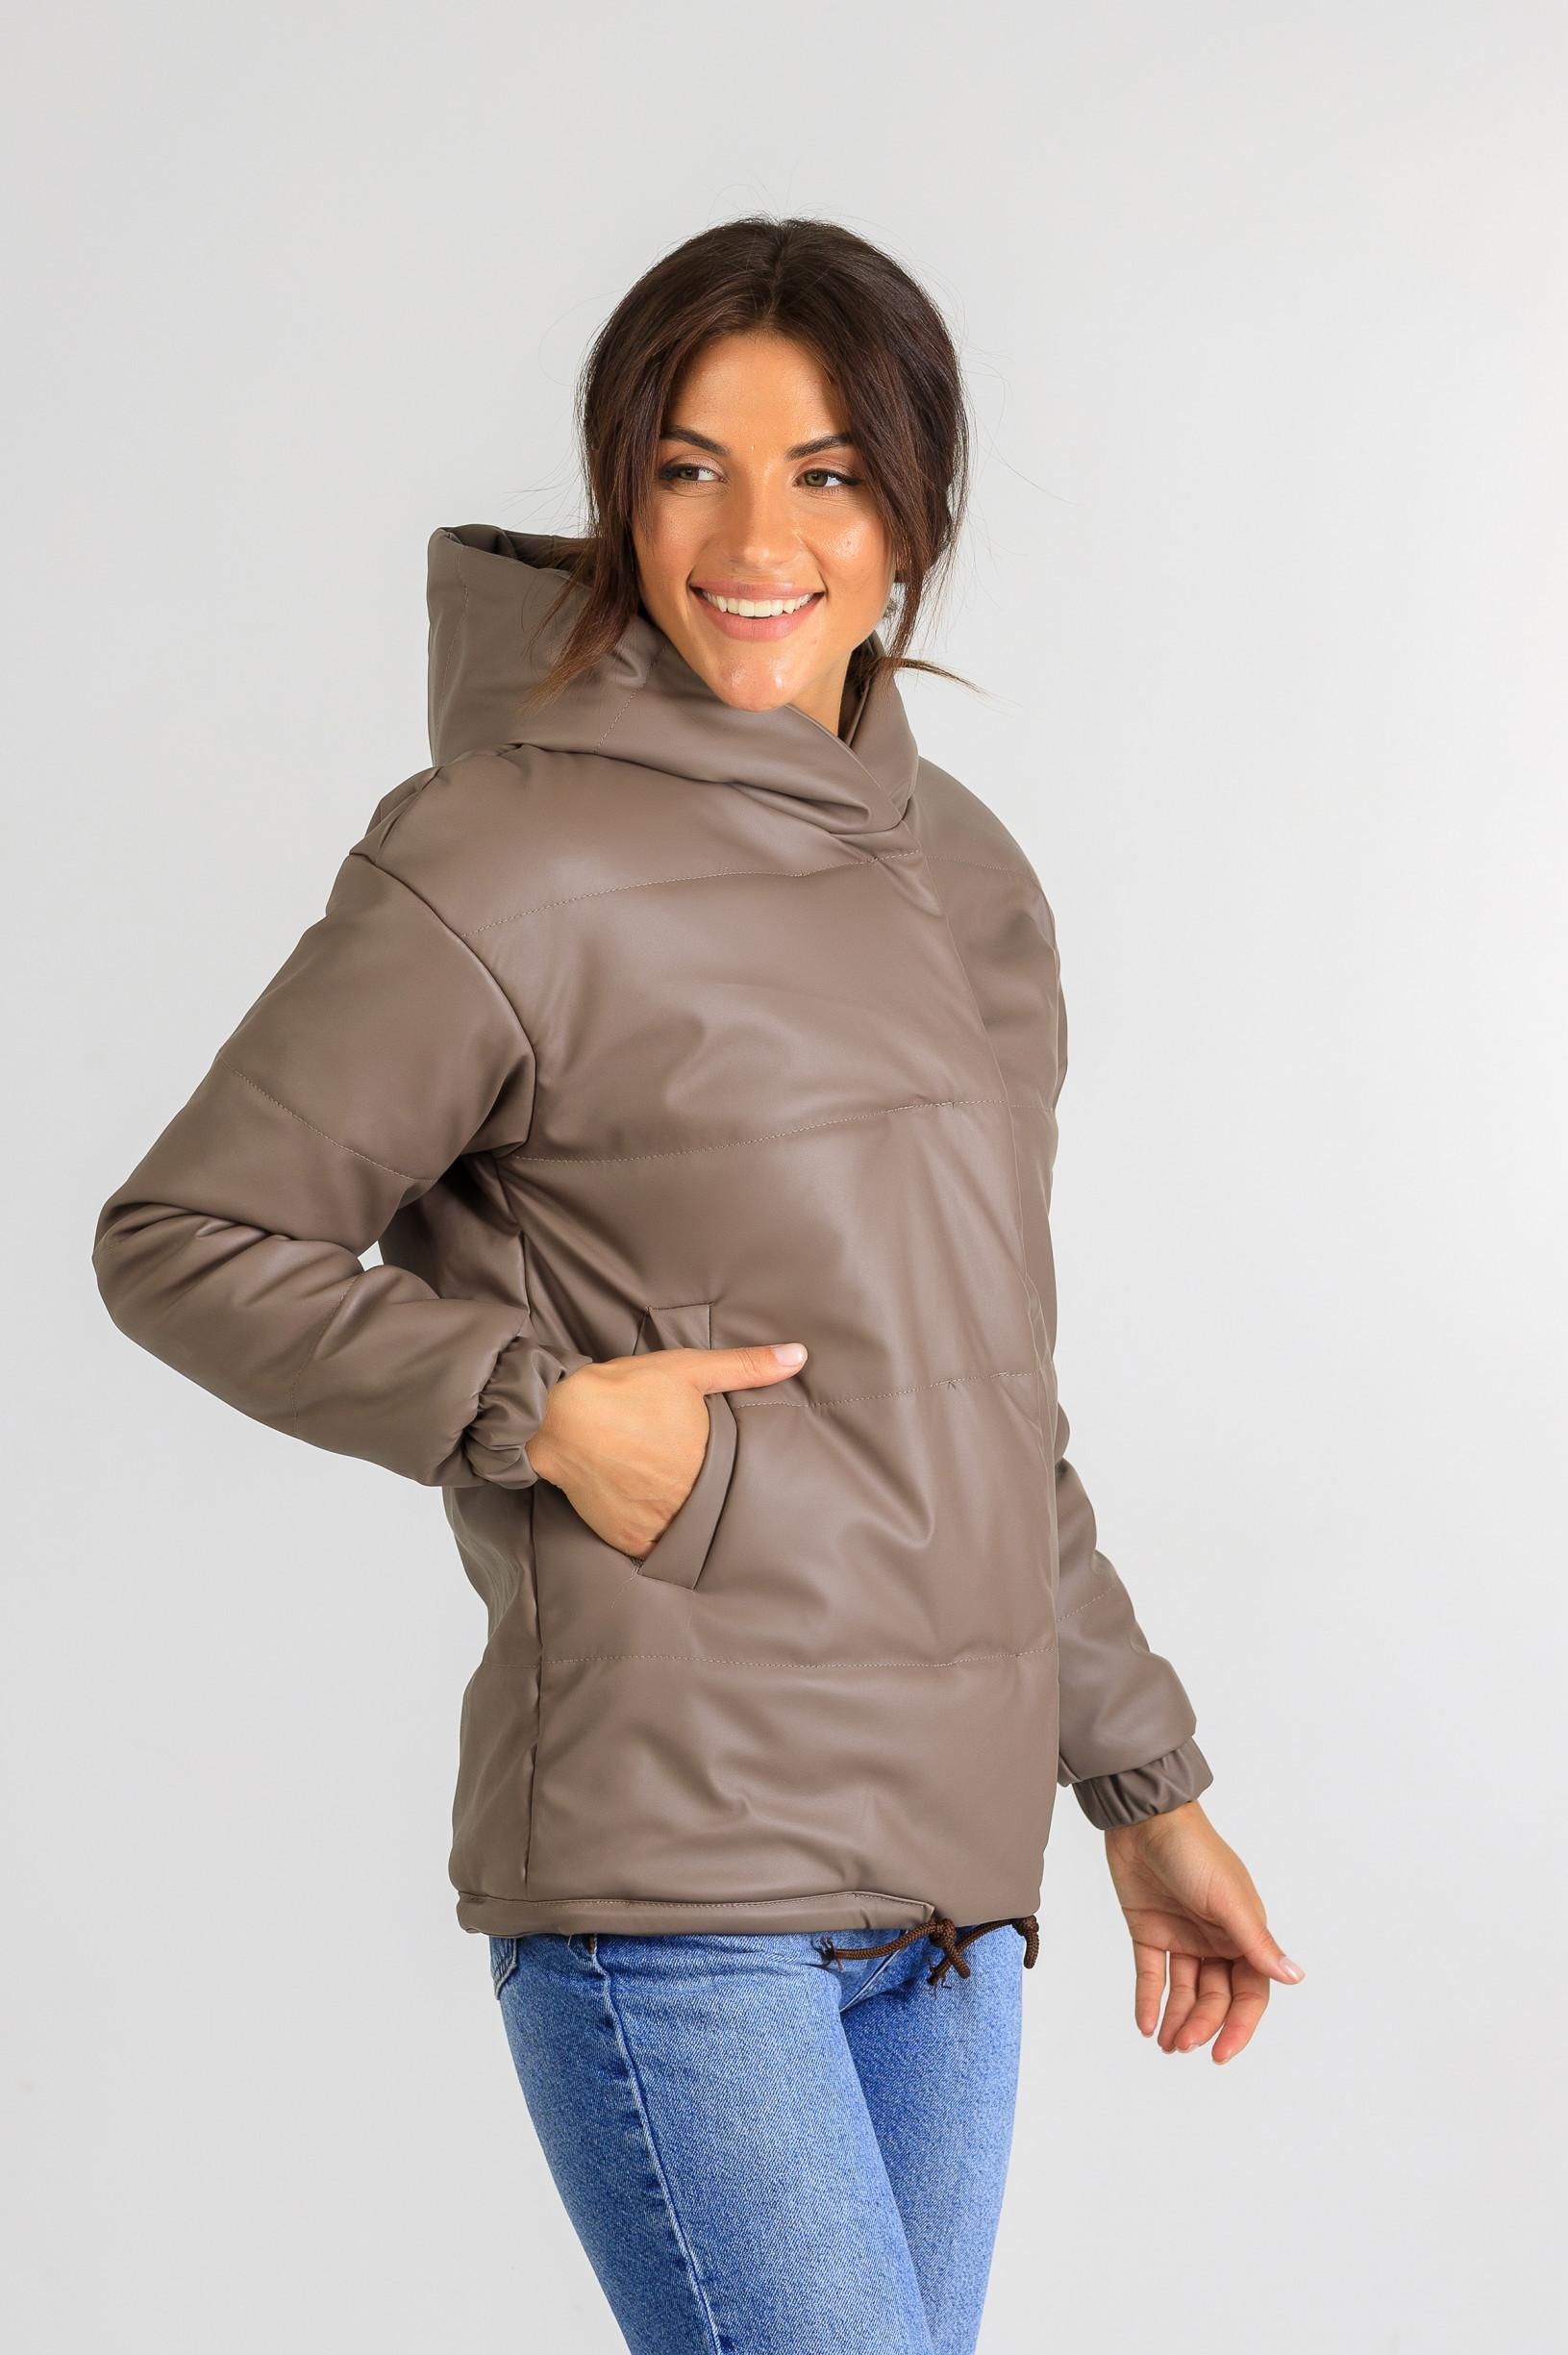 Демисезонная женская куртка из эко-кожи Тина шоколадного цвета